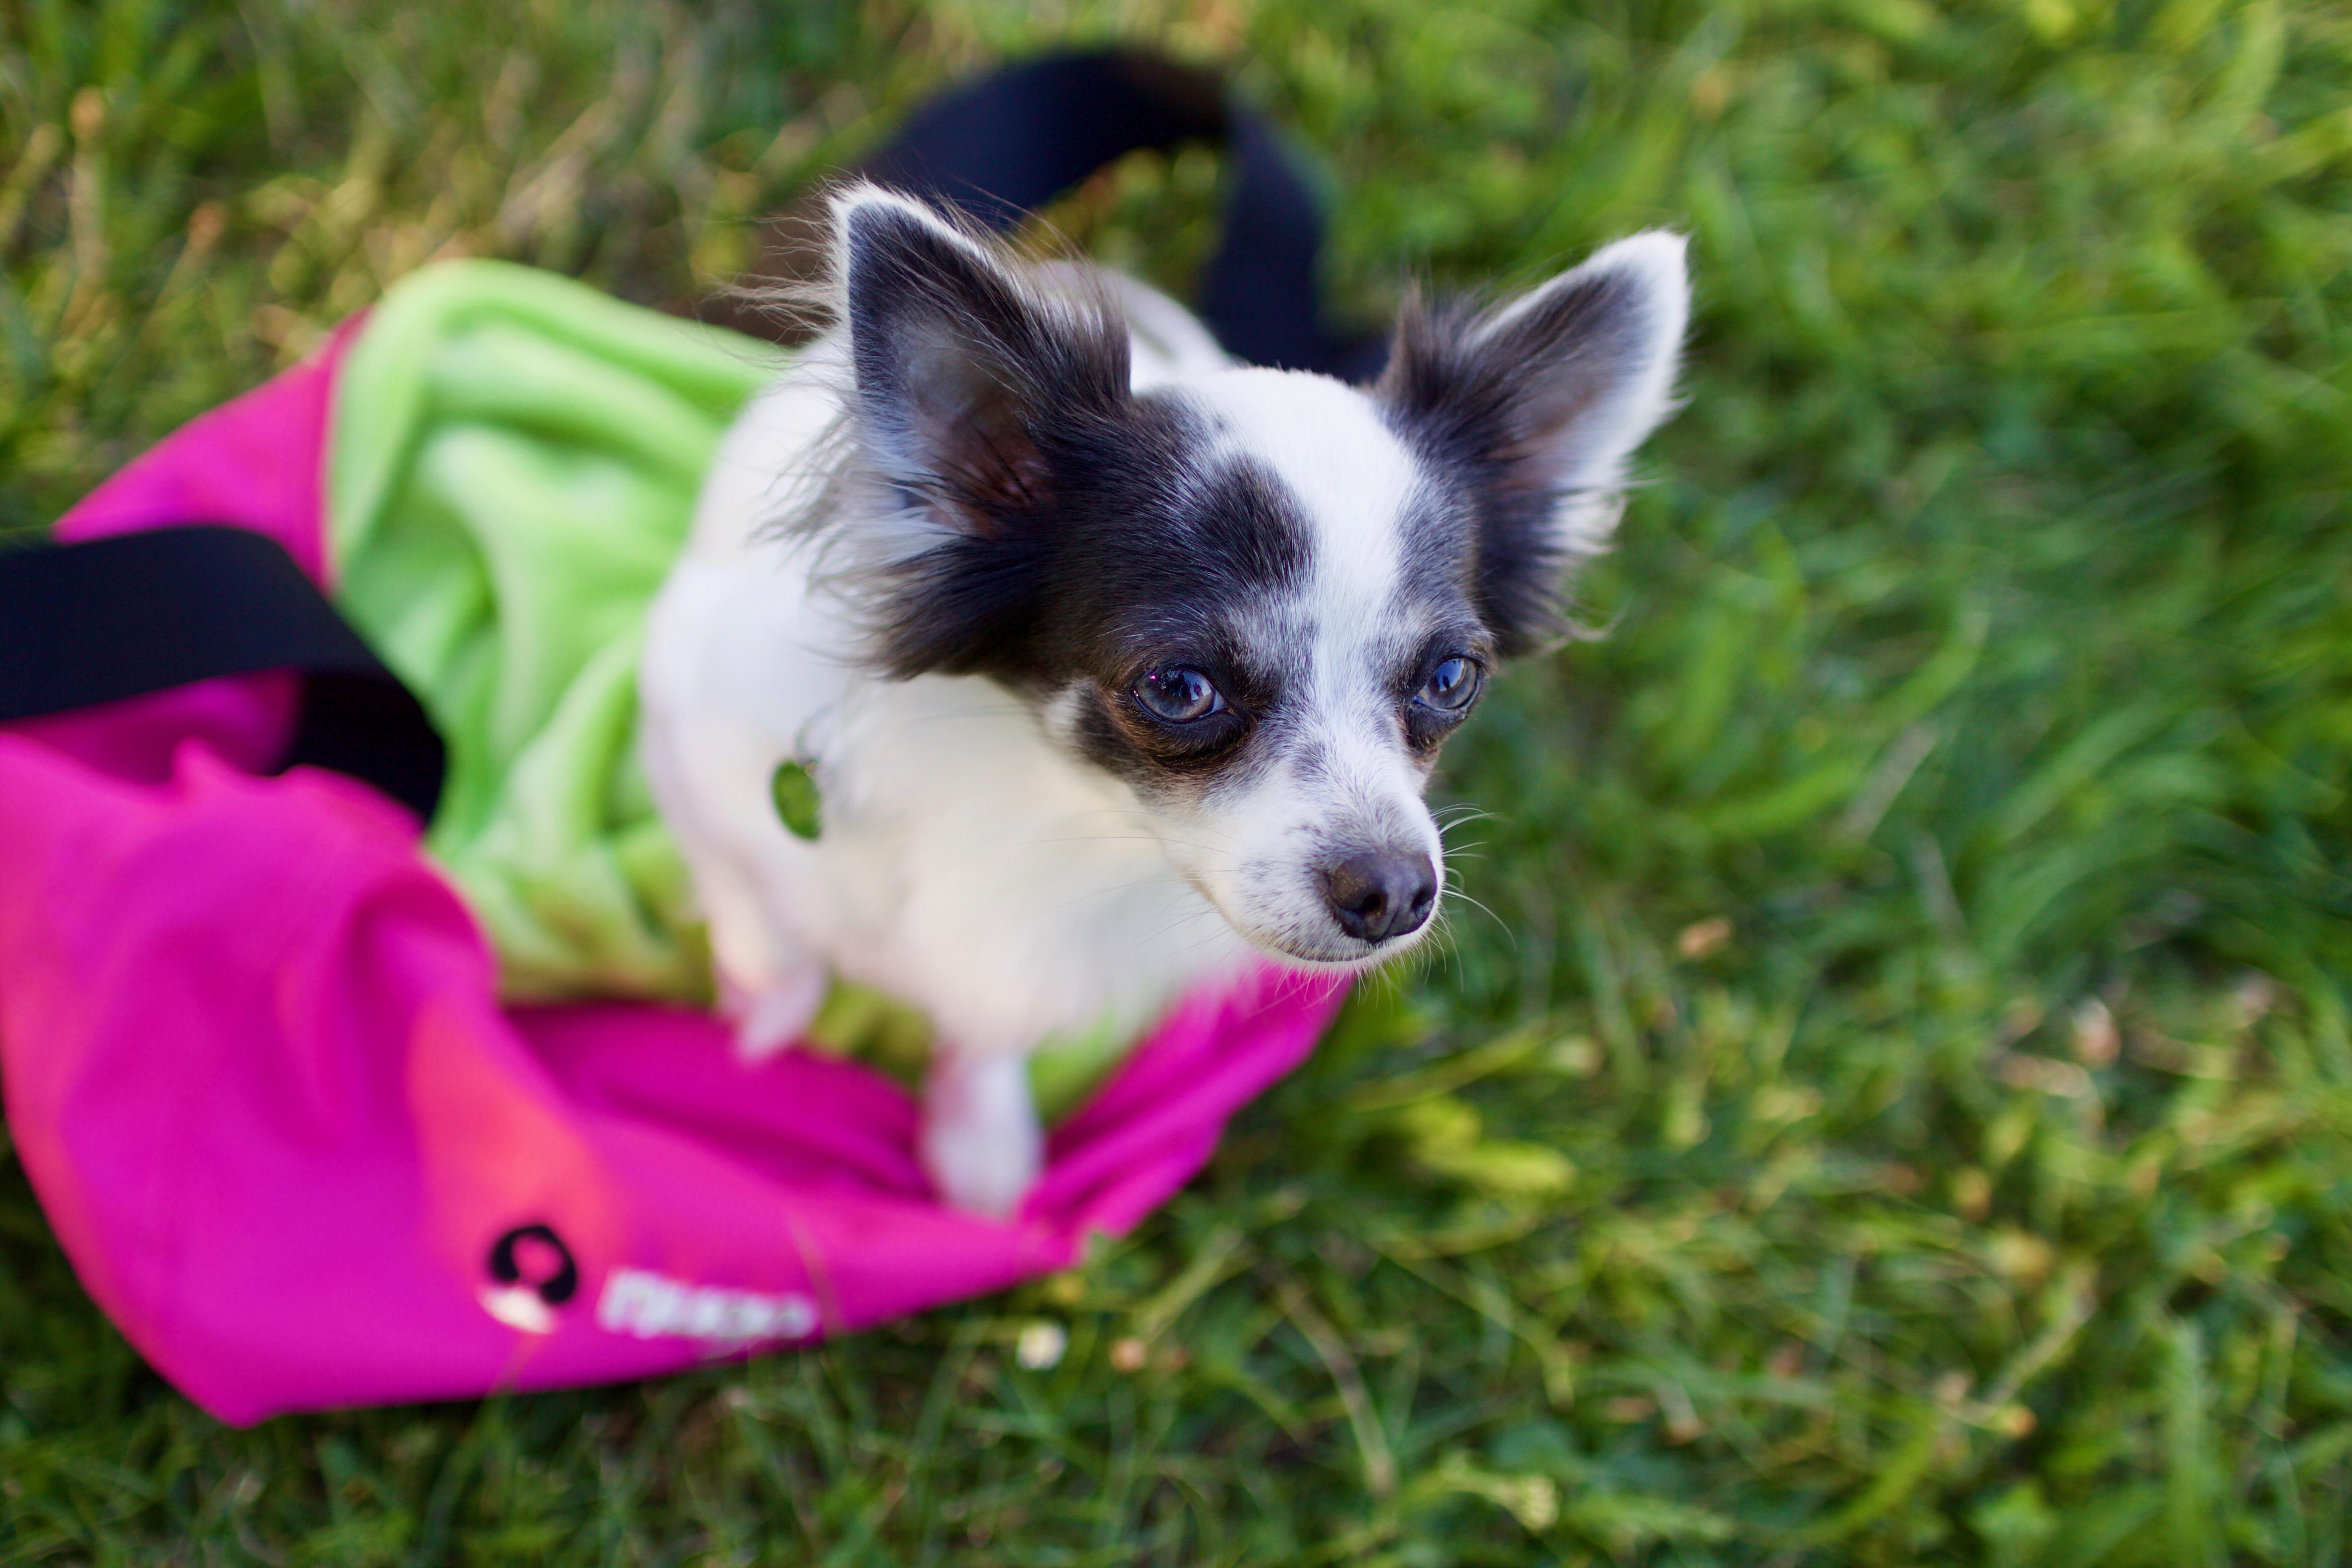 Musí mít taška pro psy pevné dno? A je taška bez pevného dna pro pejsky škodlivá? Odpověď vás uklidní